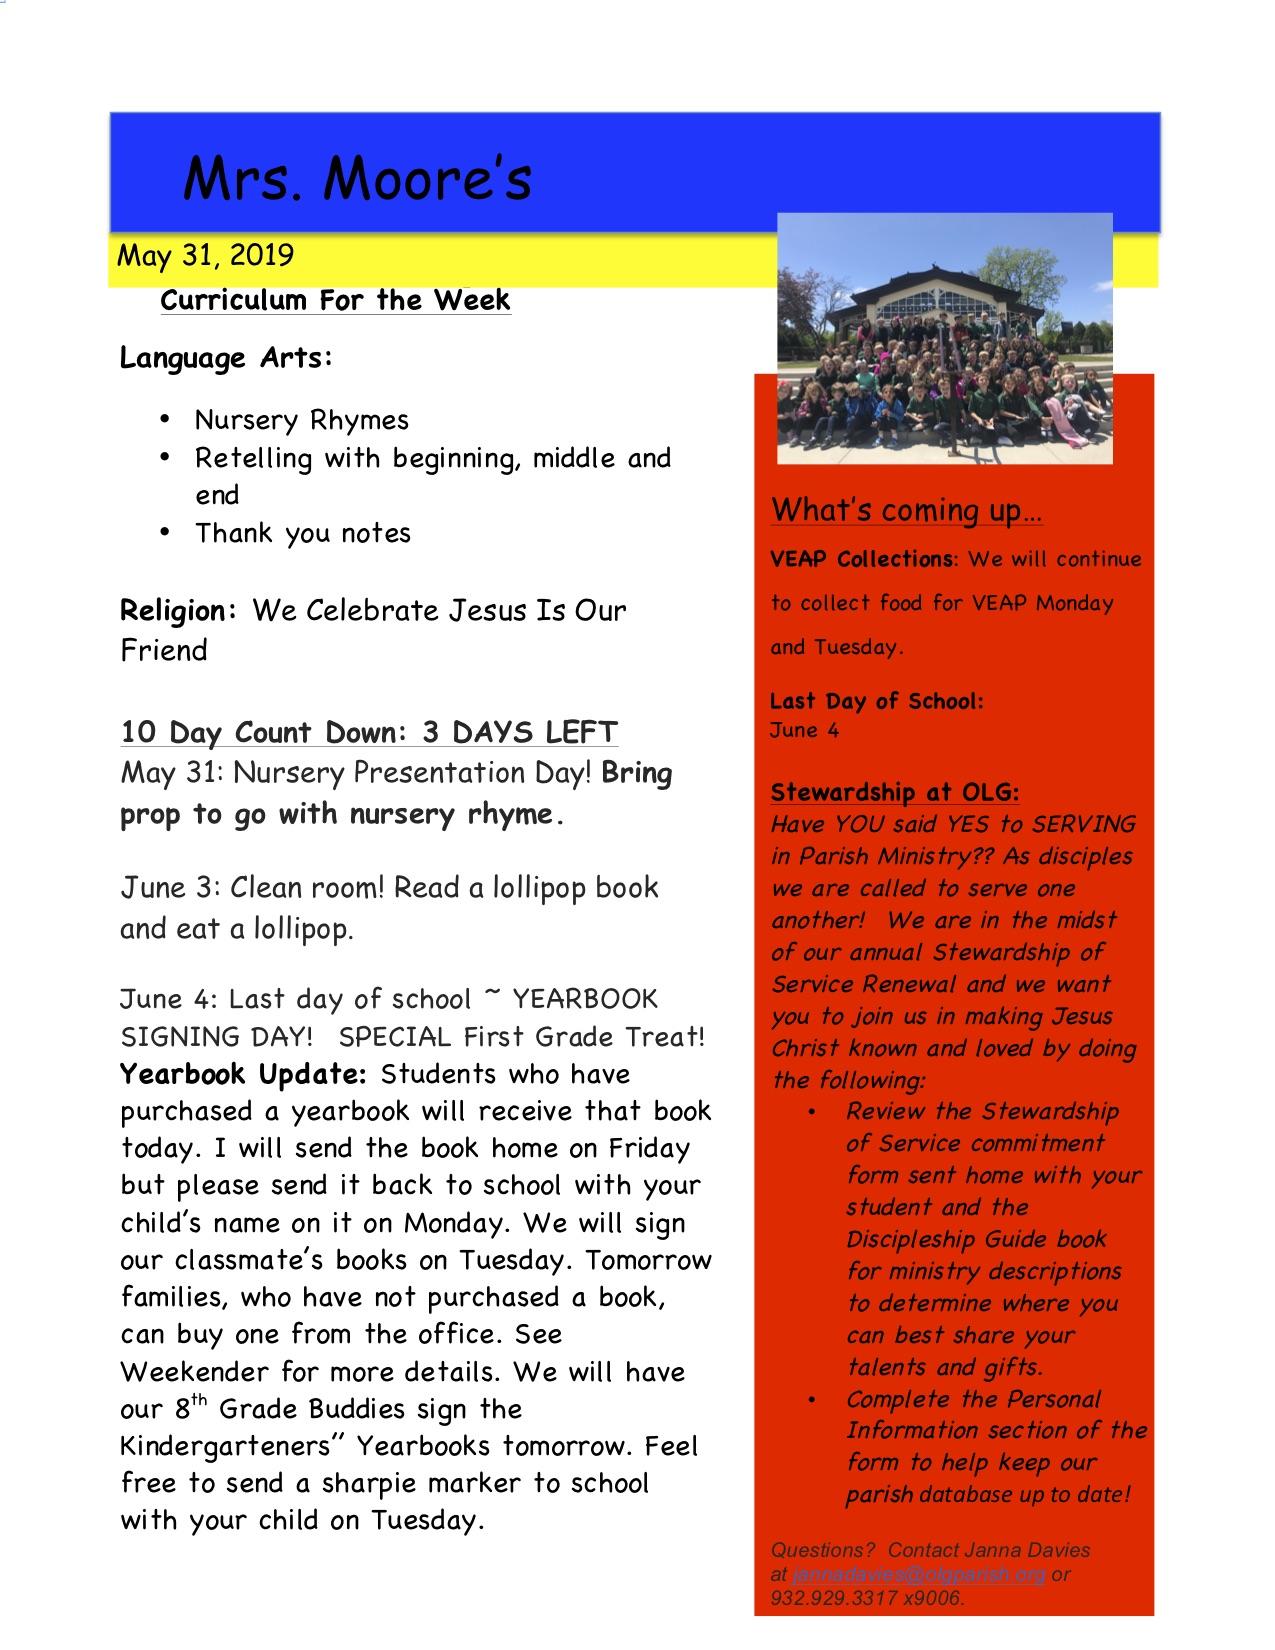 MooreNewsletter 5-231-19.jpg